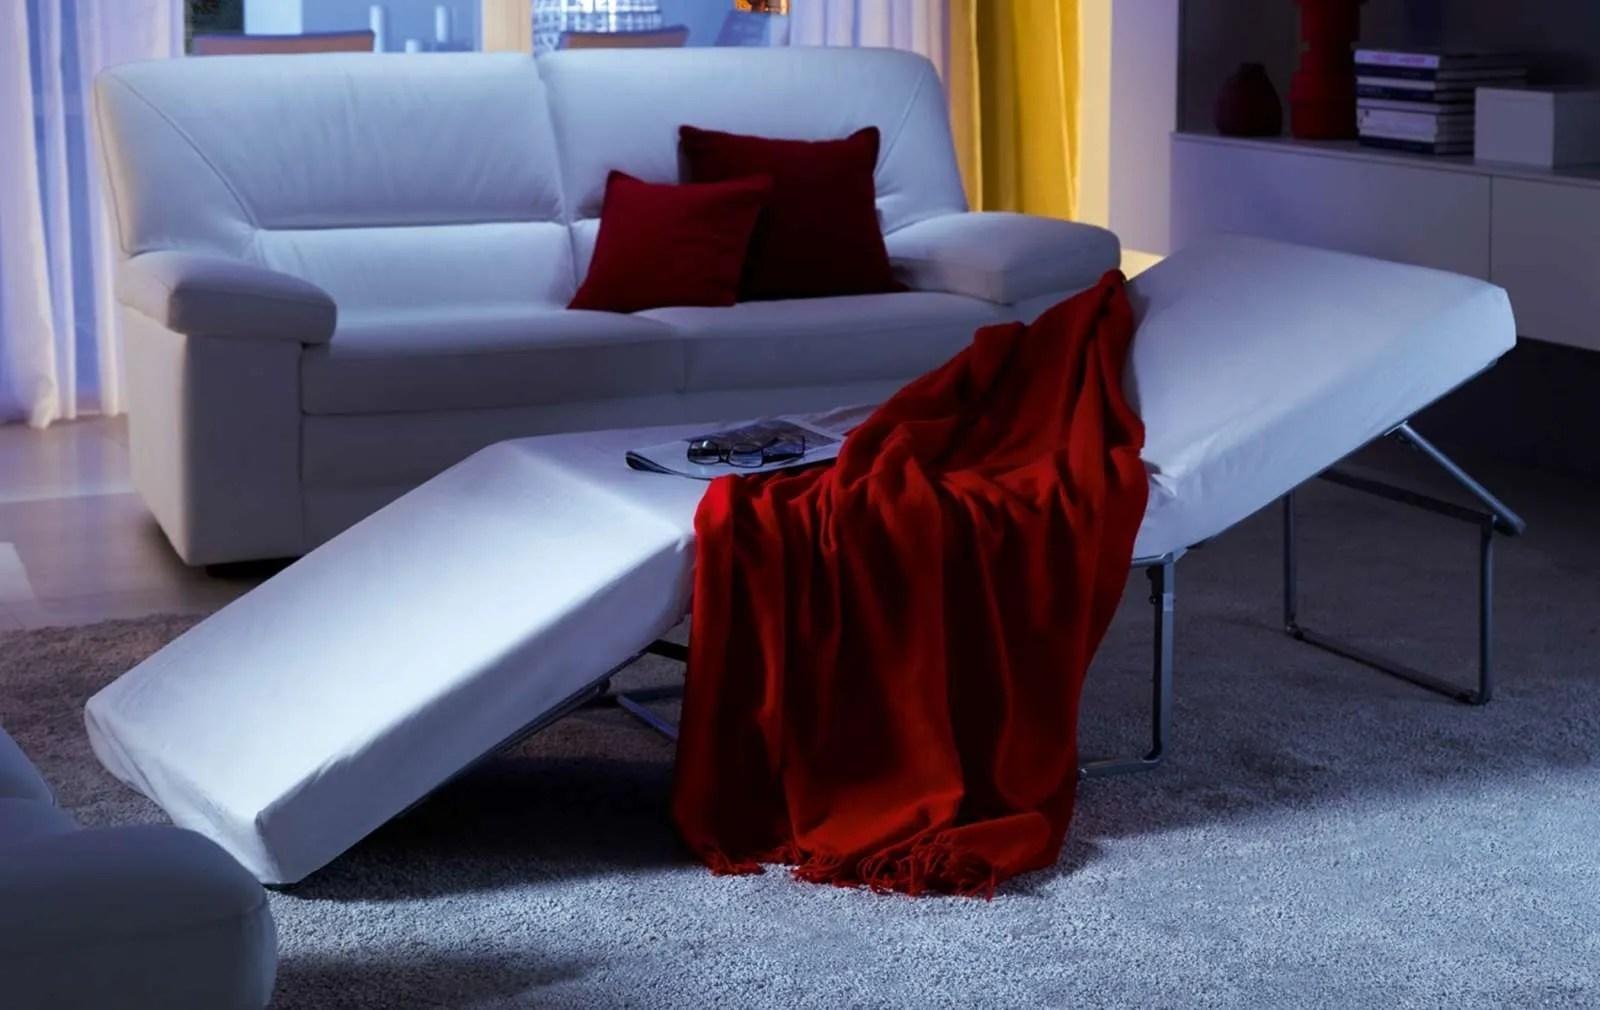 Arabis divano letto moderno e confortevole. Divano Letto Chateau D Ax Comodo E Moderno